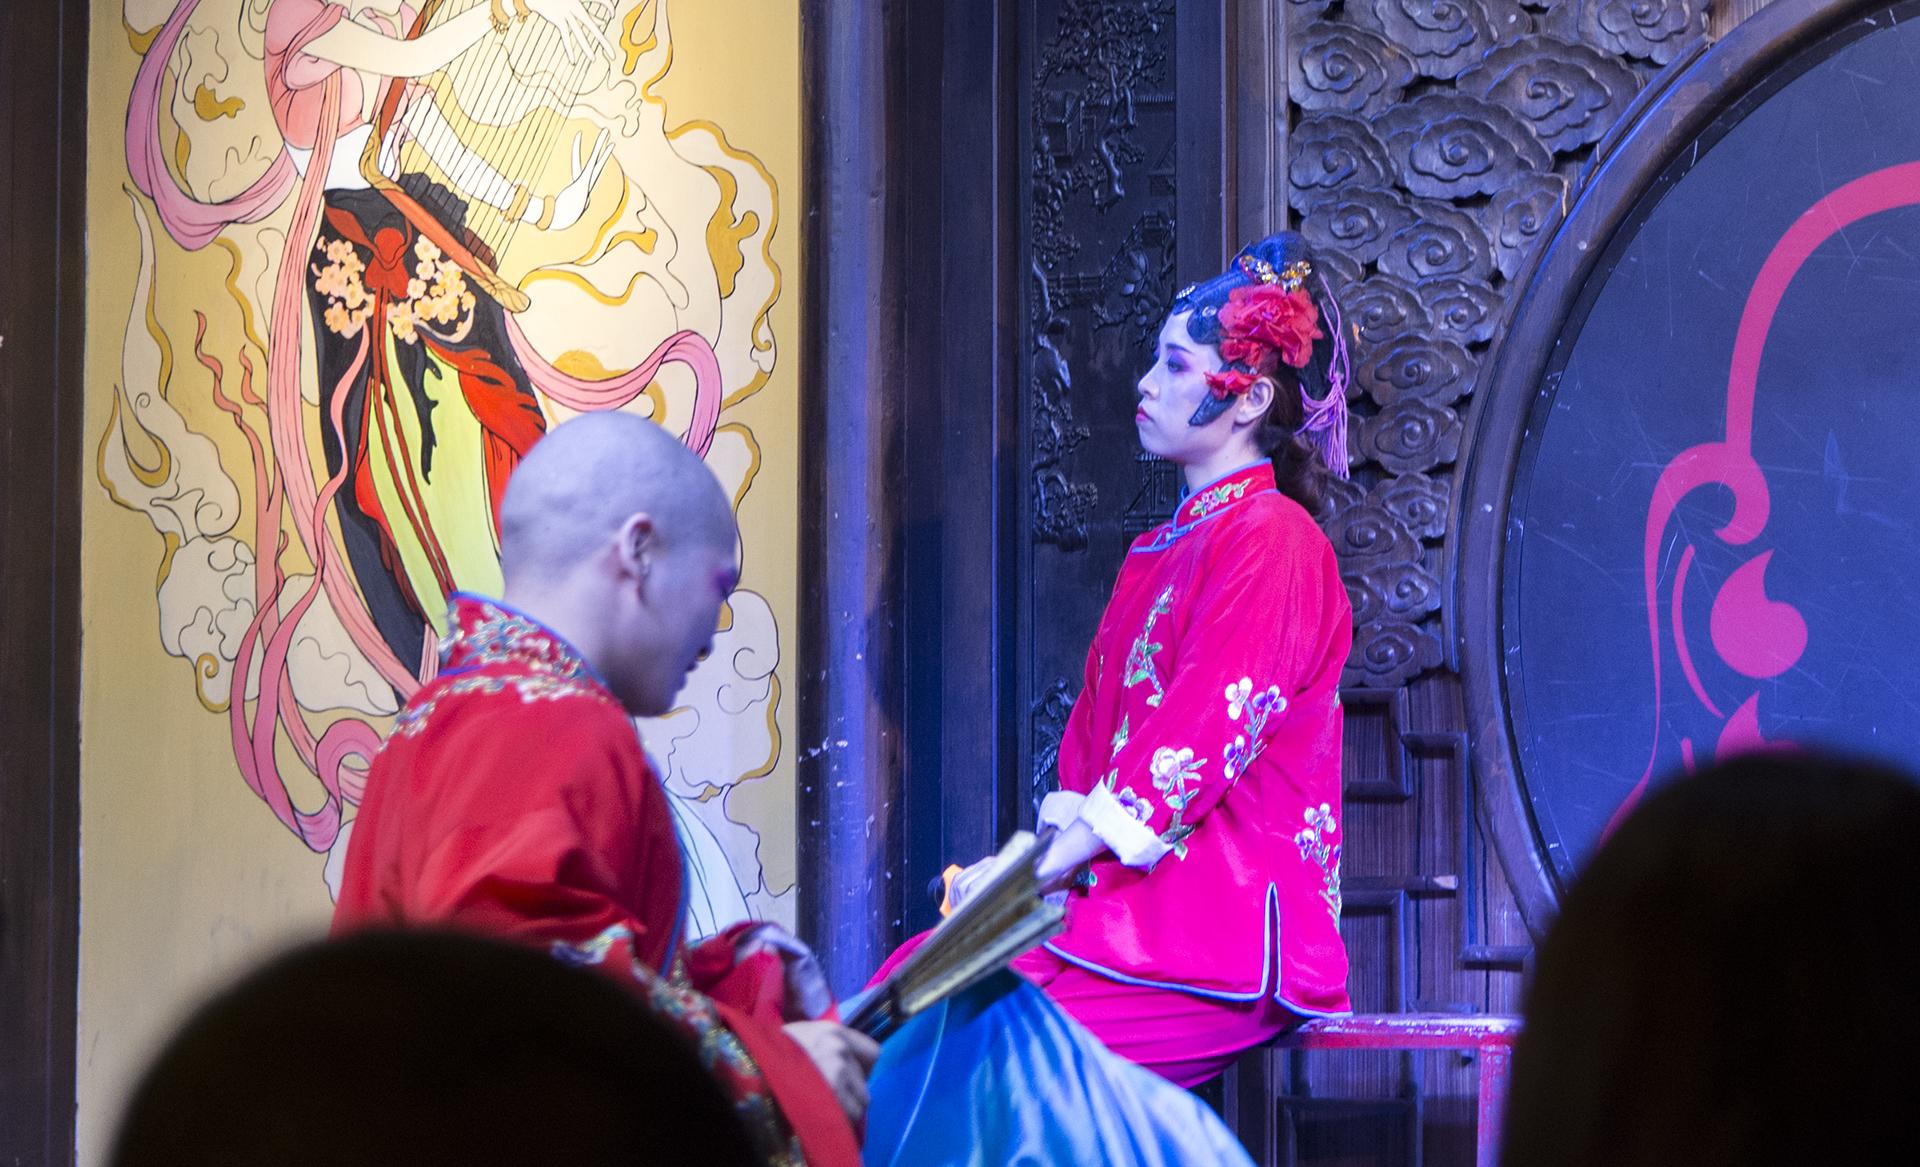 成都 » 第 74 届中国教育装备展 x 金沙遗址博物馆 x 献血记